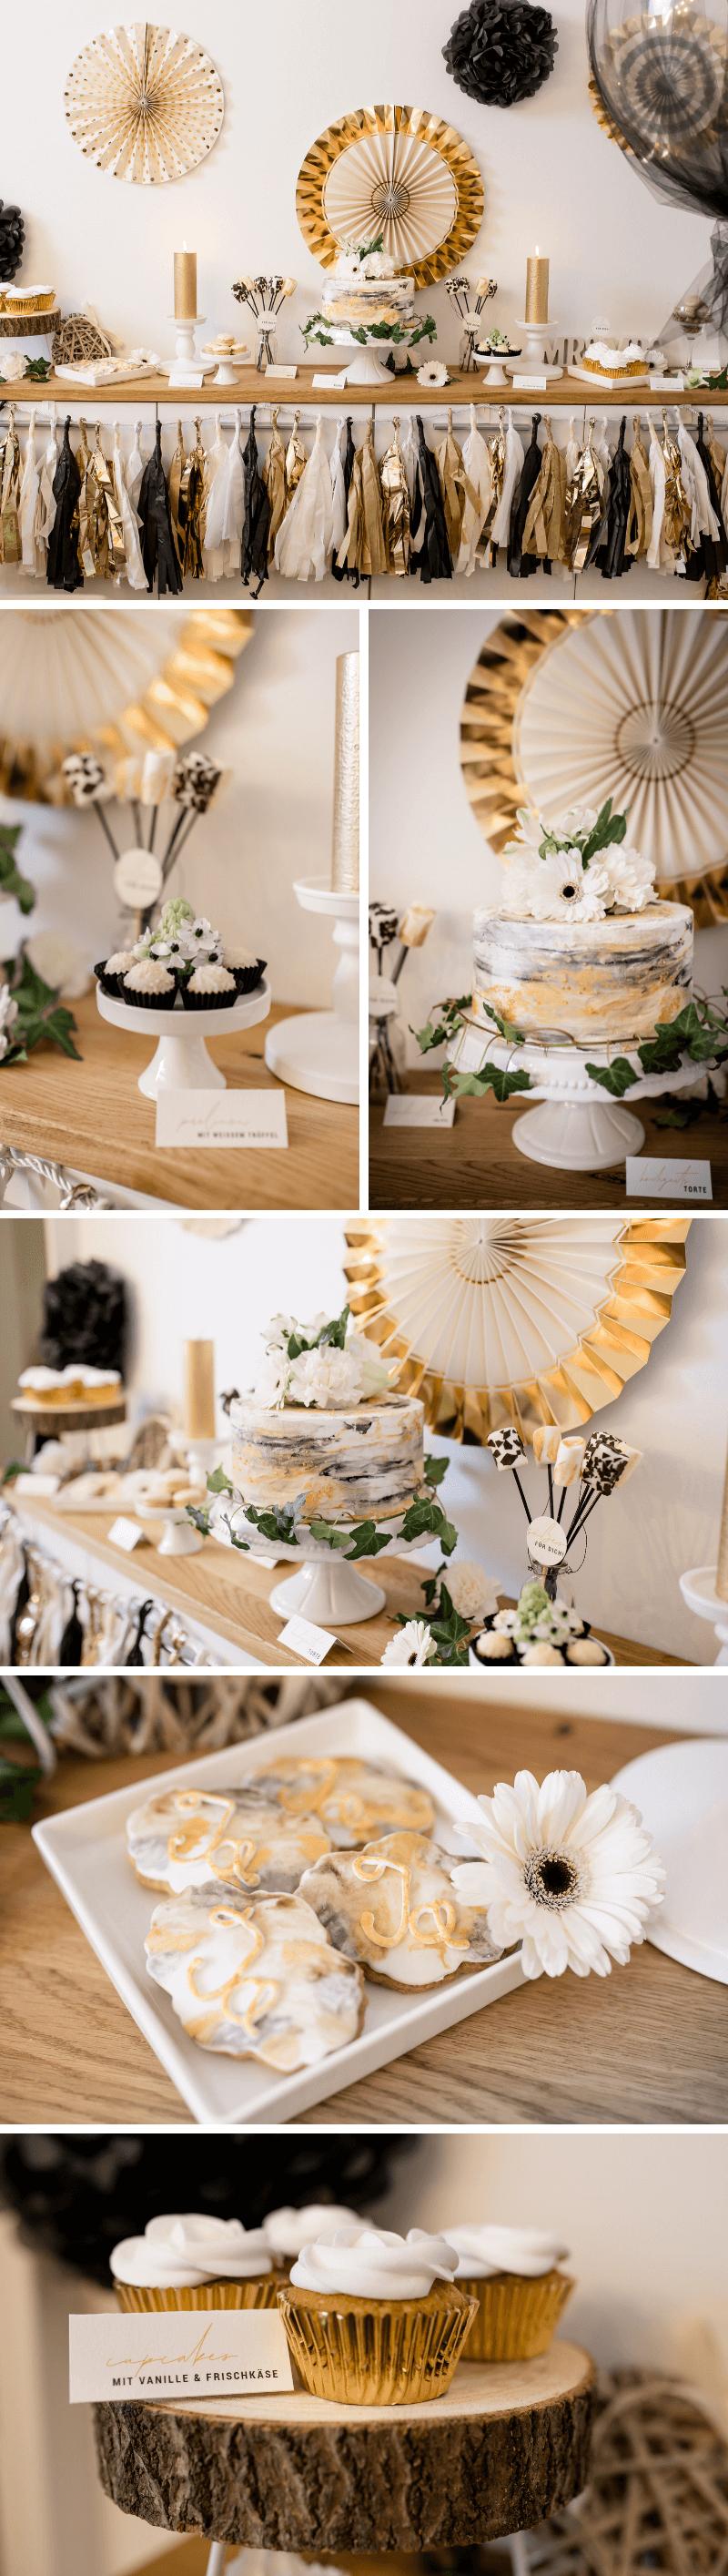 Hochzeit glamour, Hochzeit gold schwarz, Hochzeit klein, Hochzeit zu hause feiern, Sweet Table, Candy Bar gold